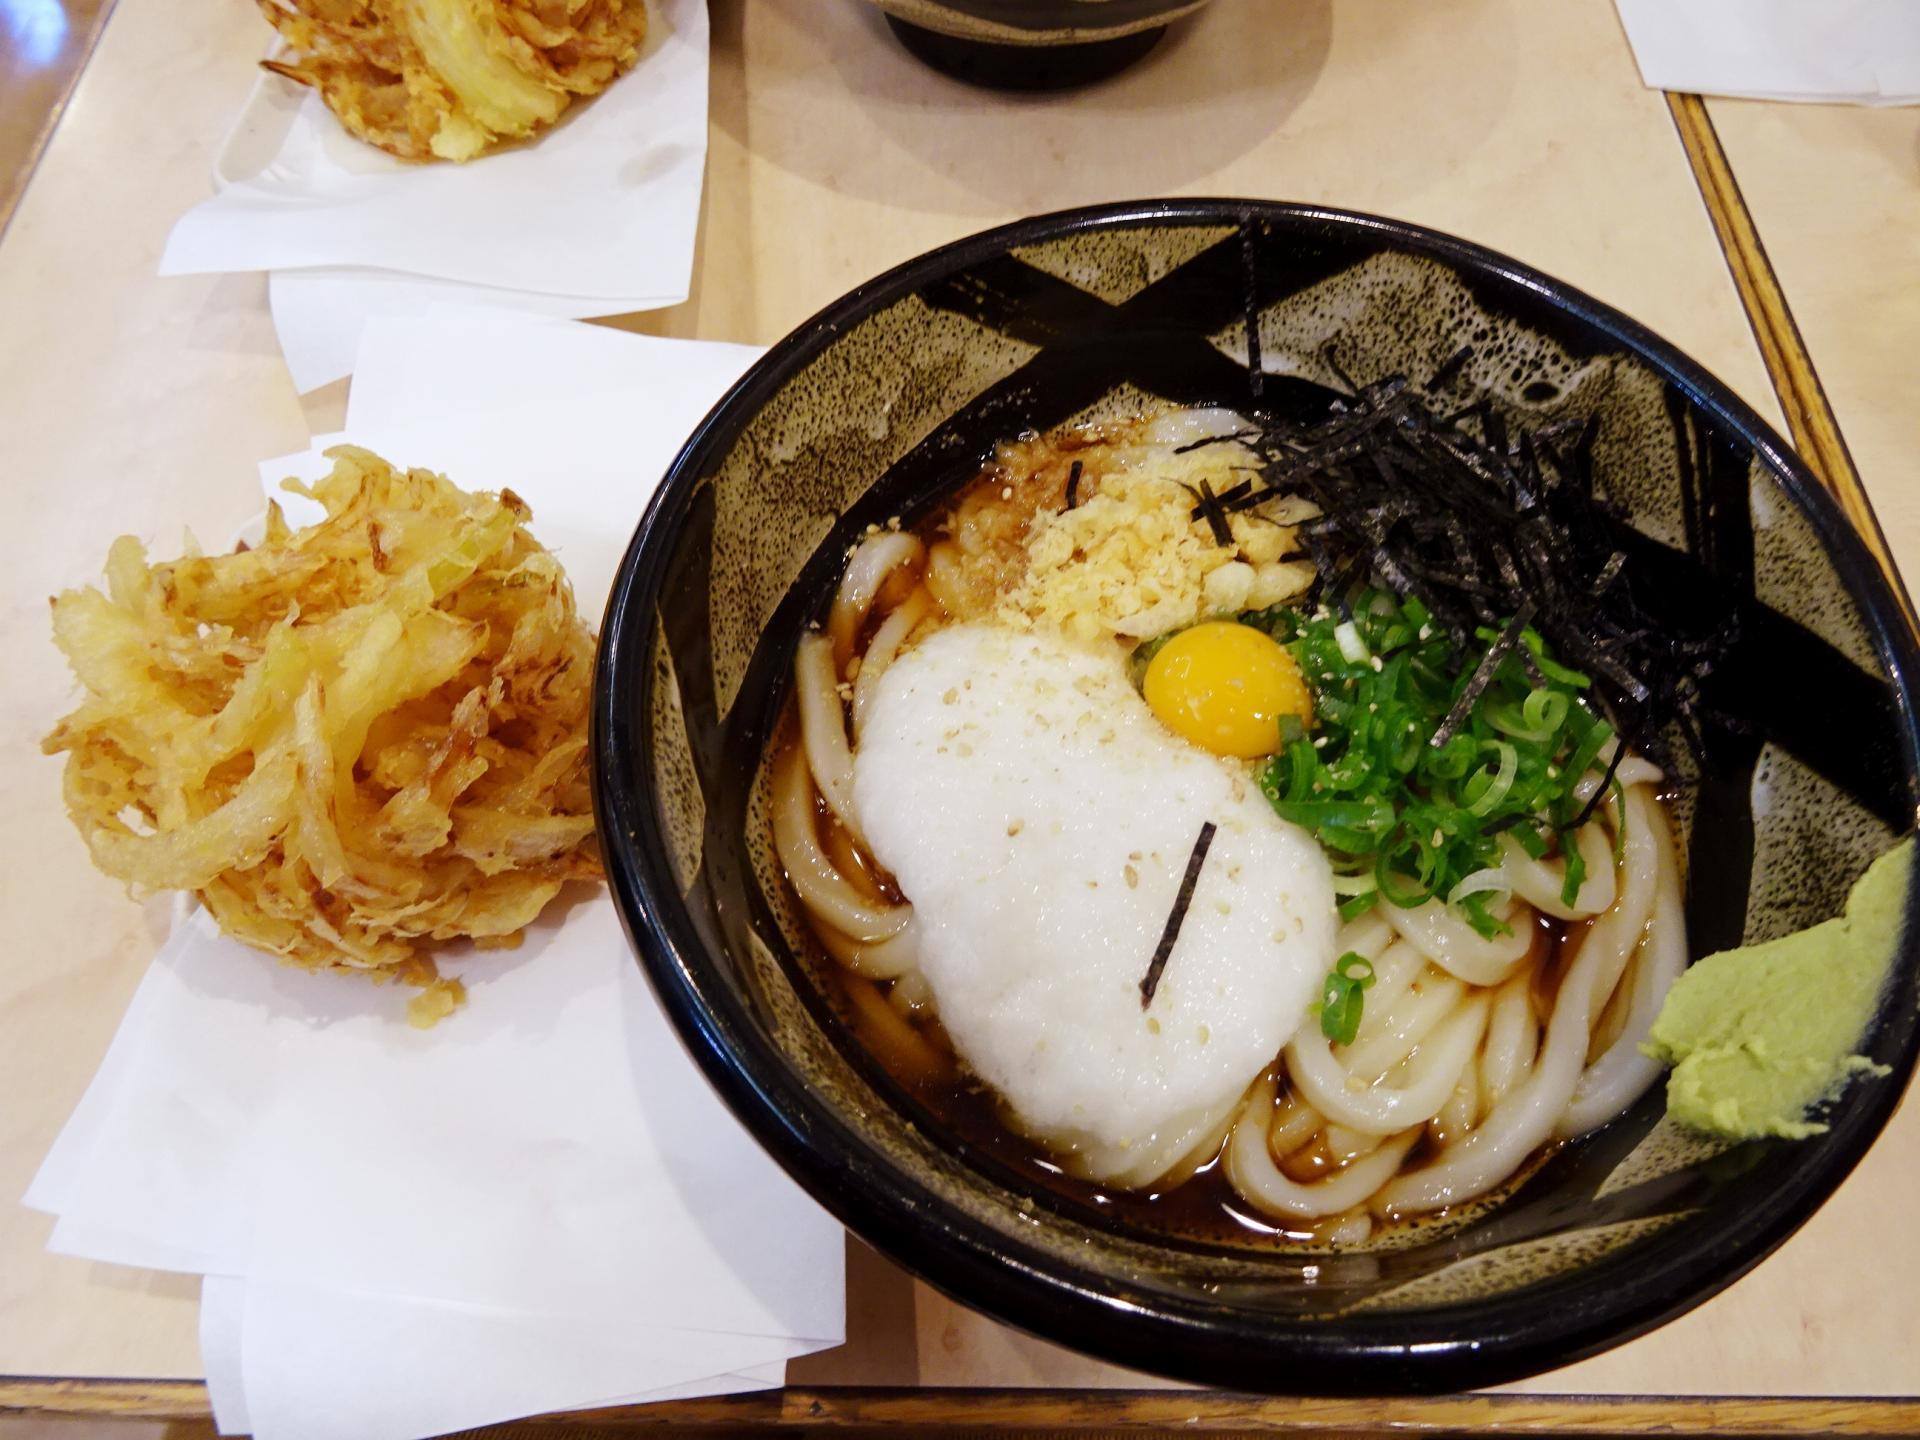 ぶっかけうどんは岡山・倉敷発祥の郷土料理!人気の食べ方をご紹介